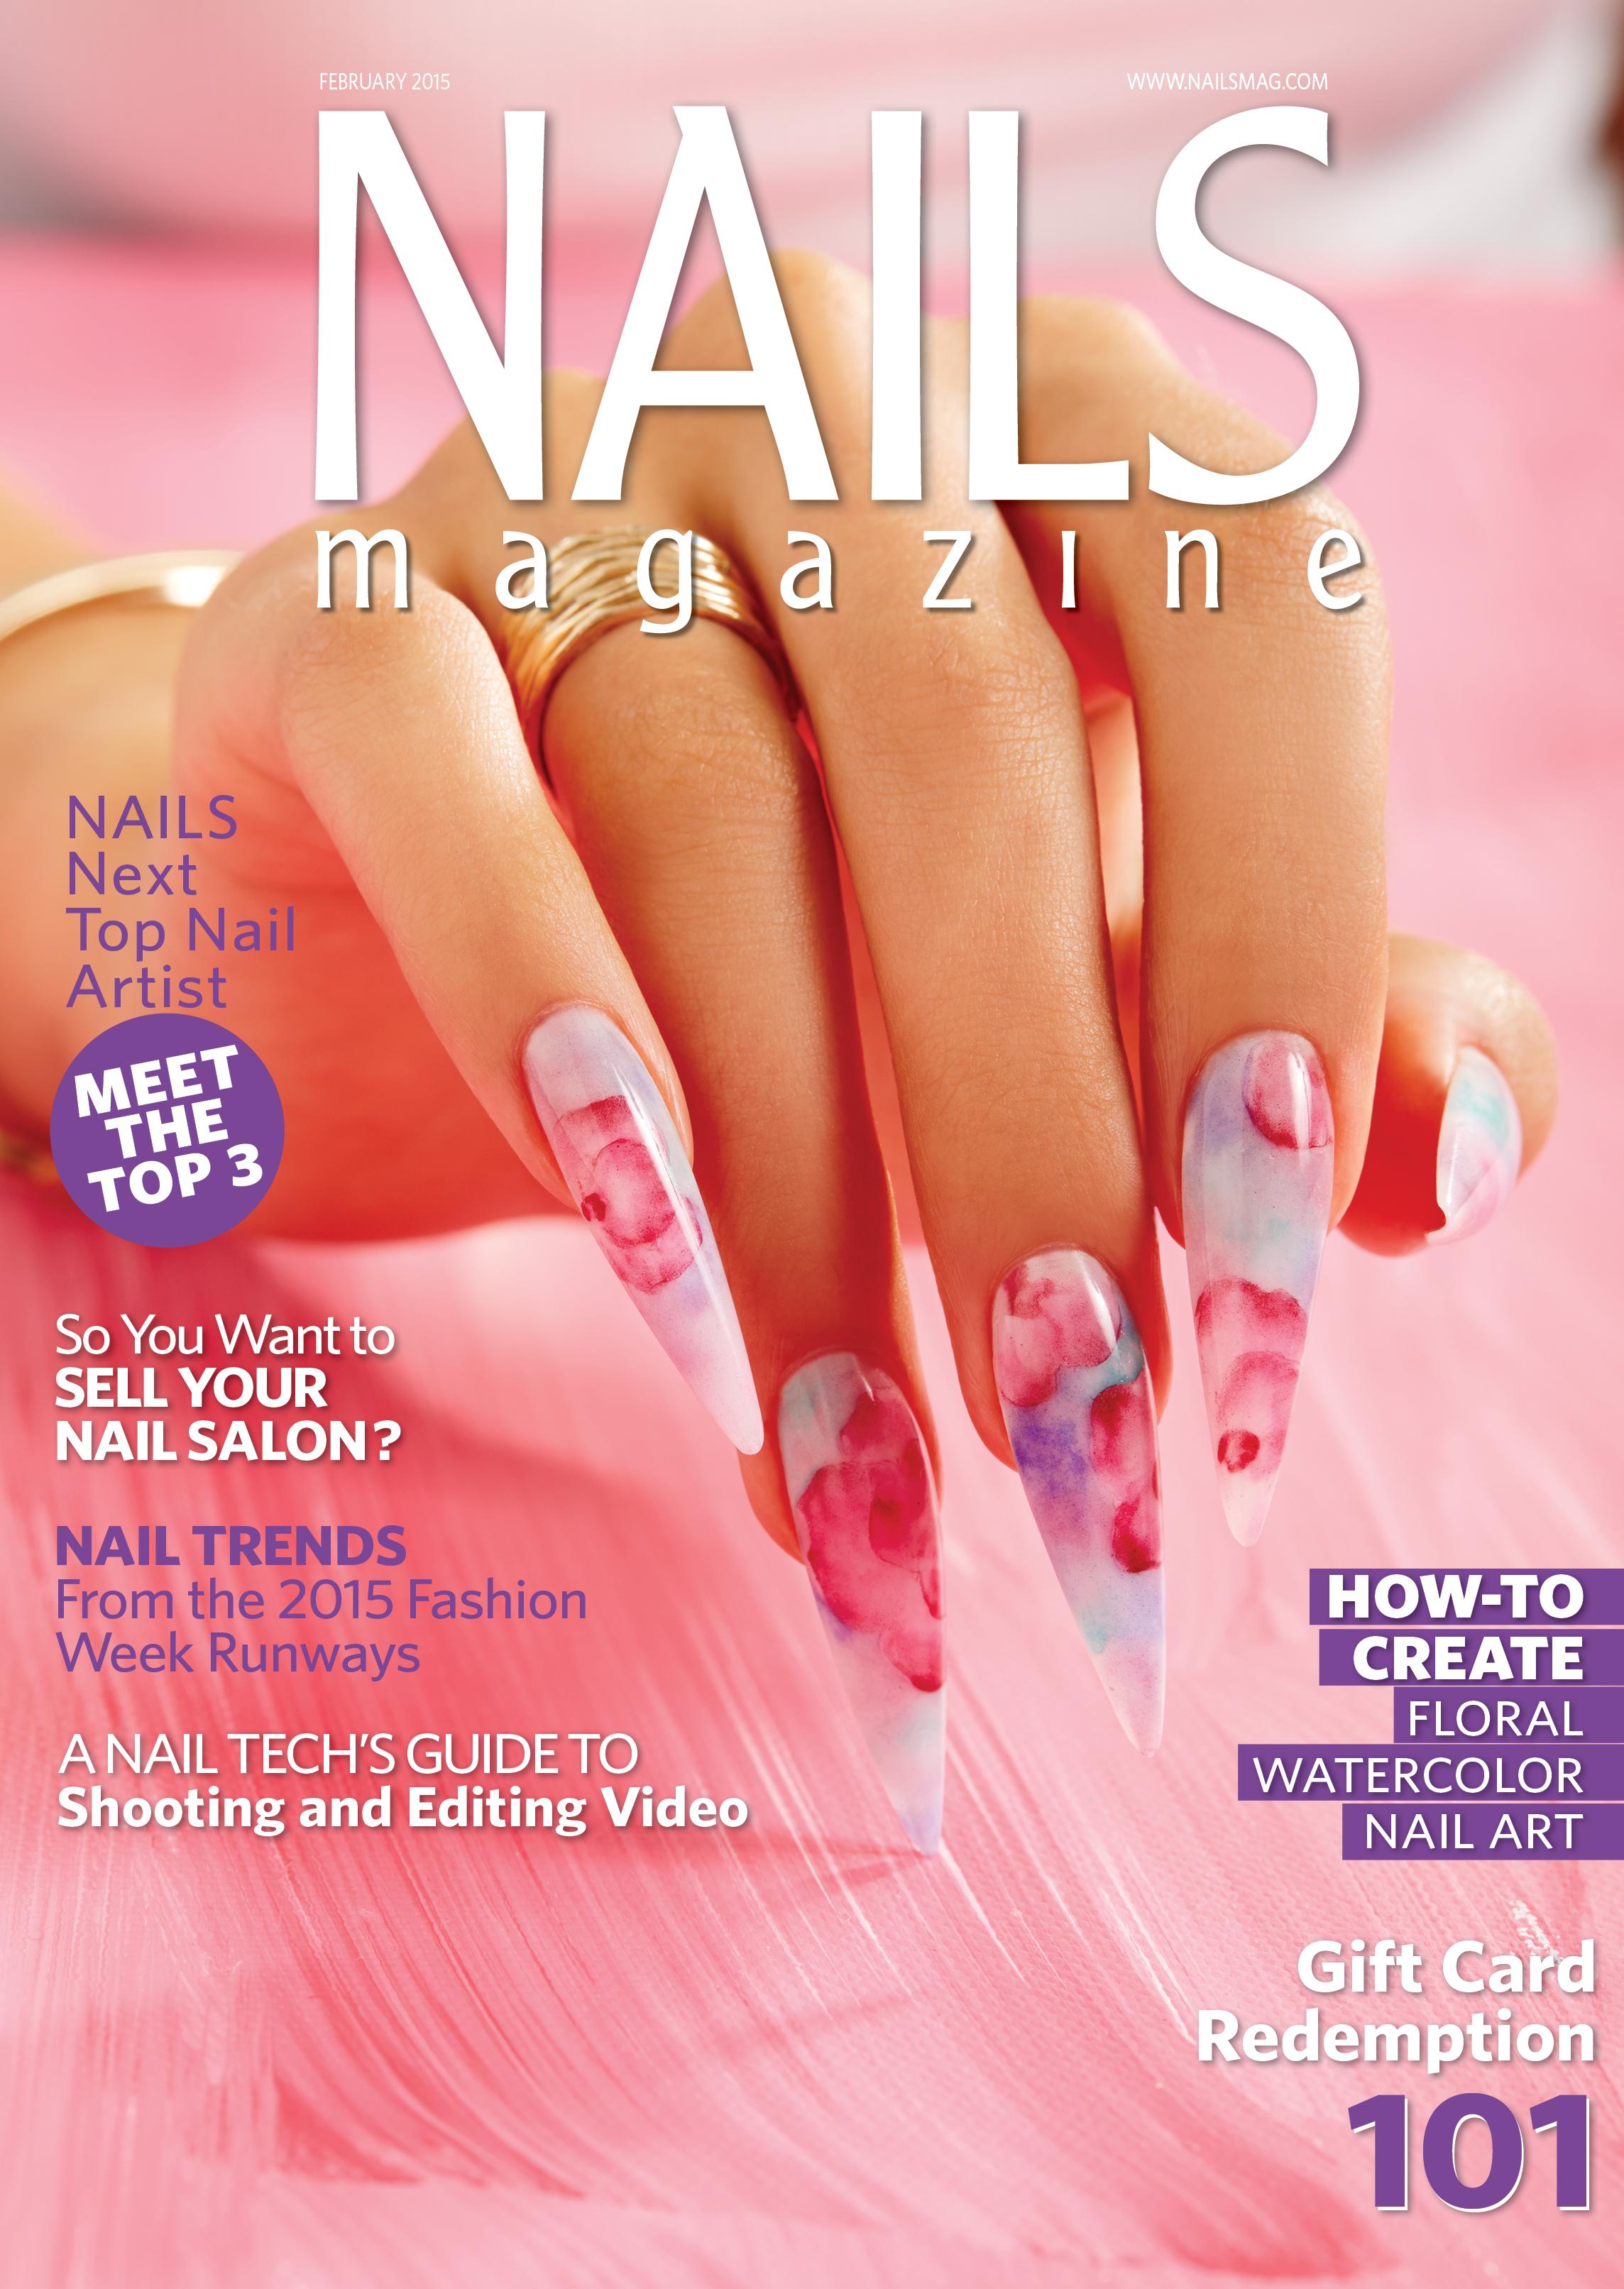 Nails Magazine February 2015 Issue